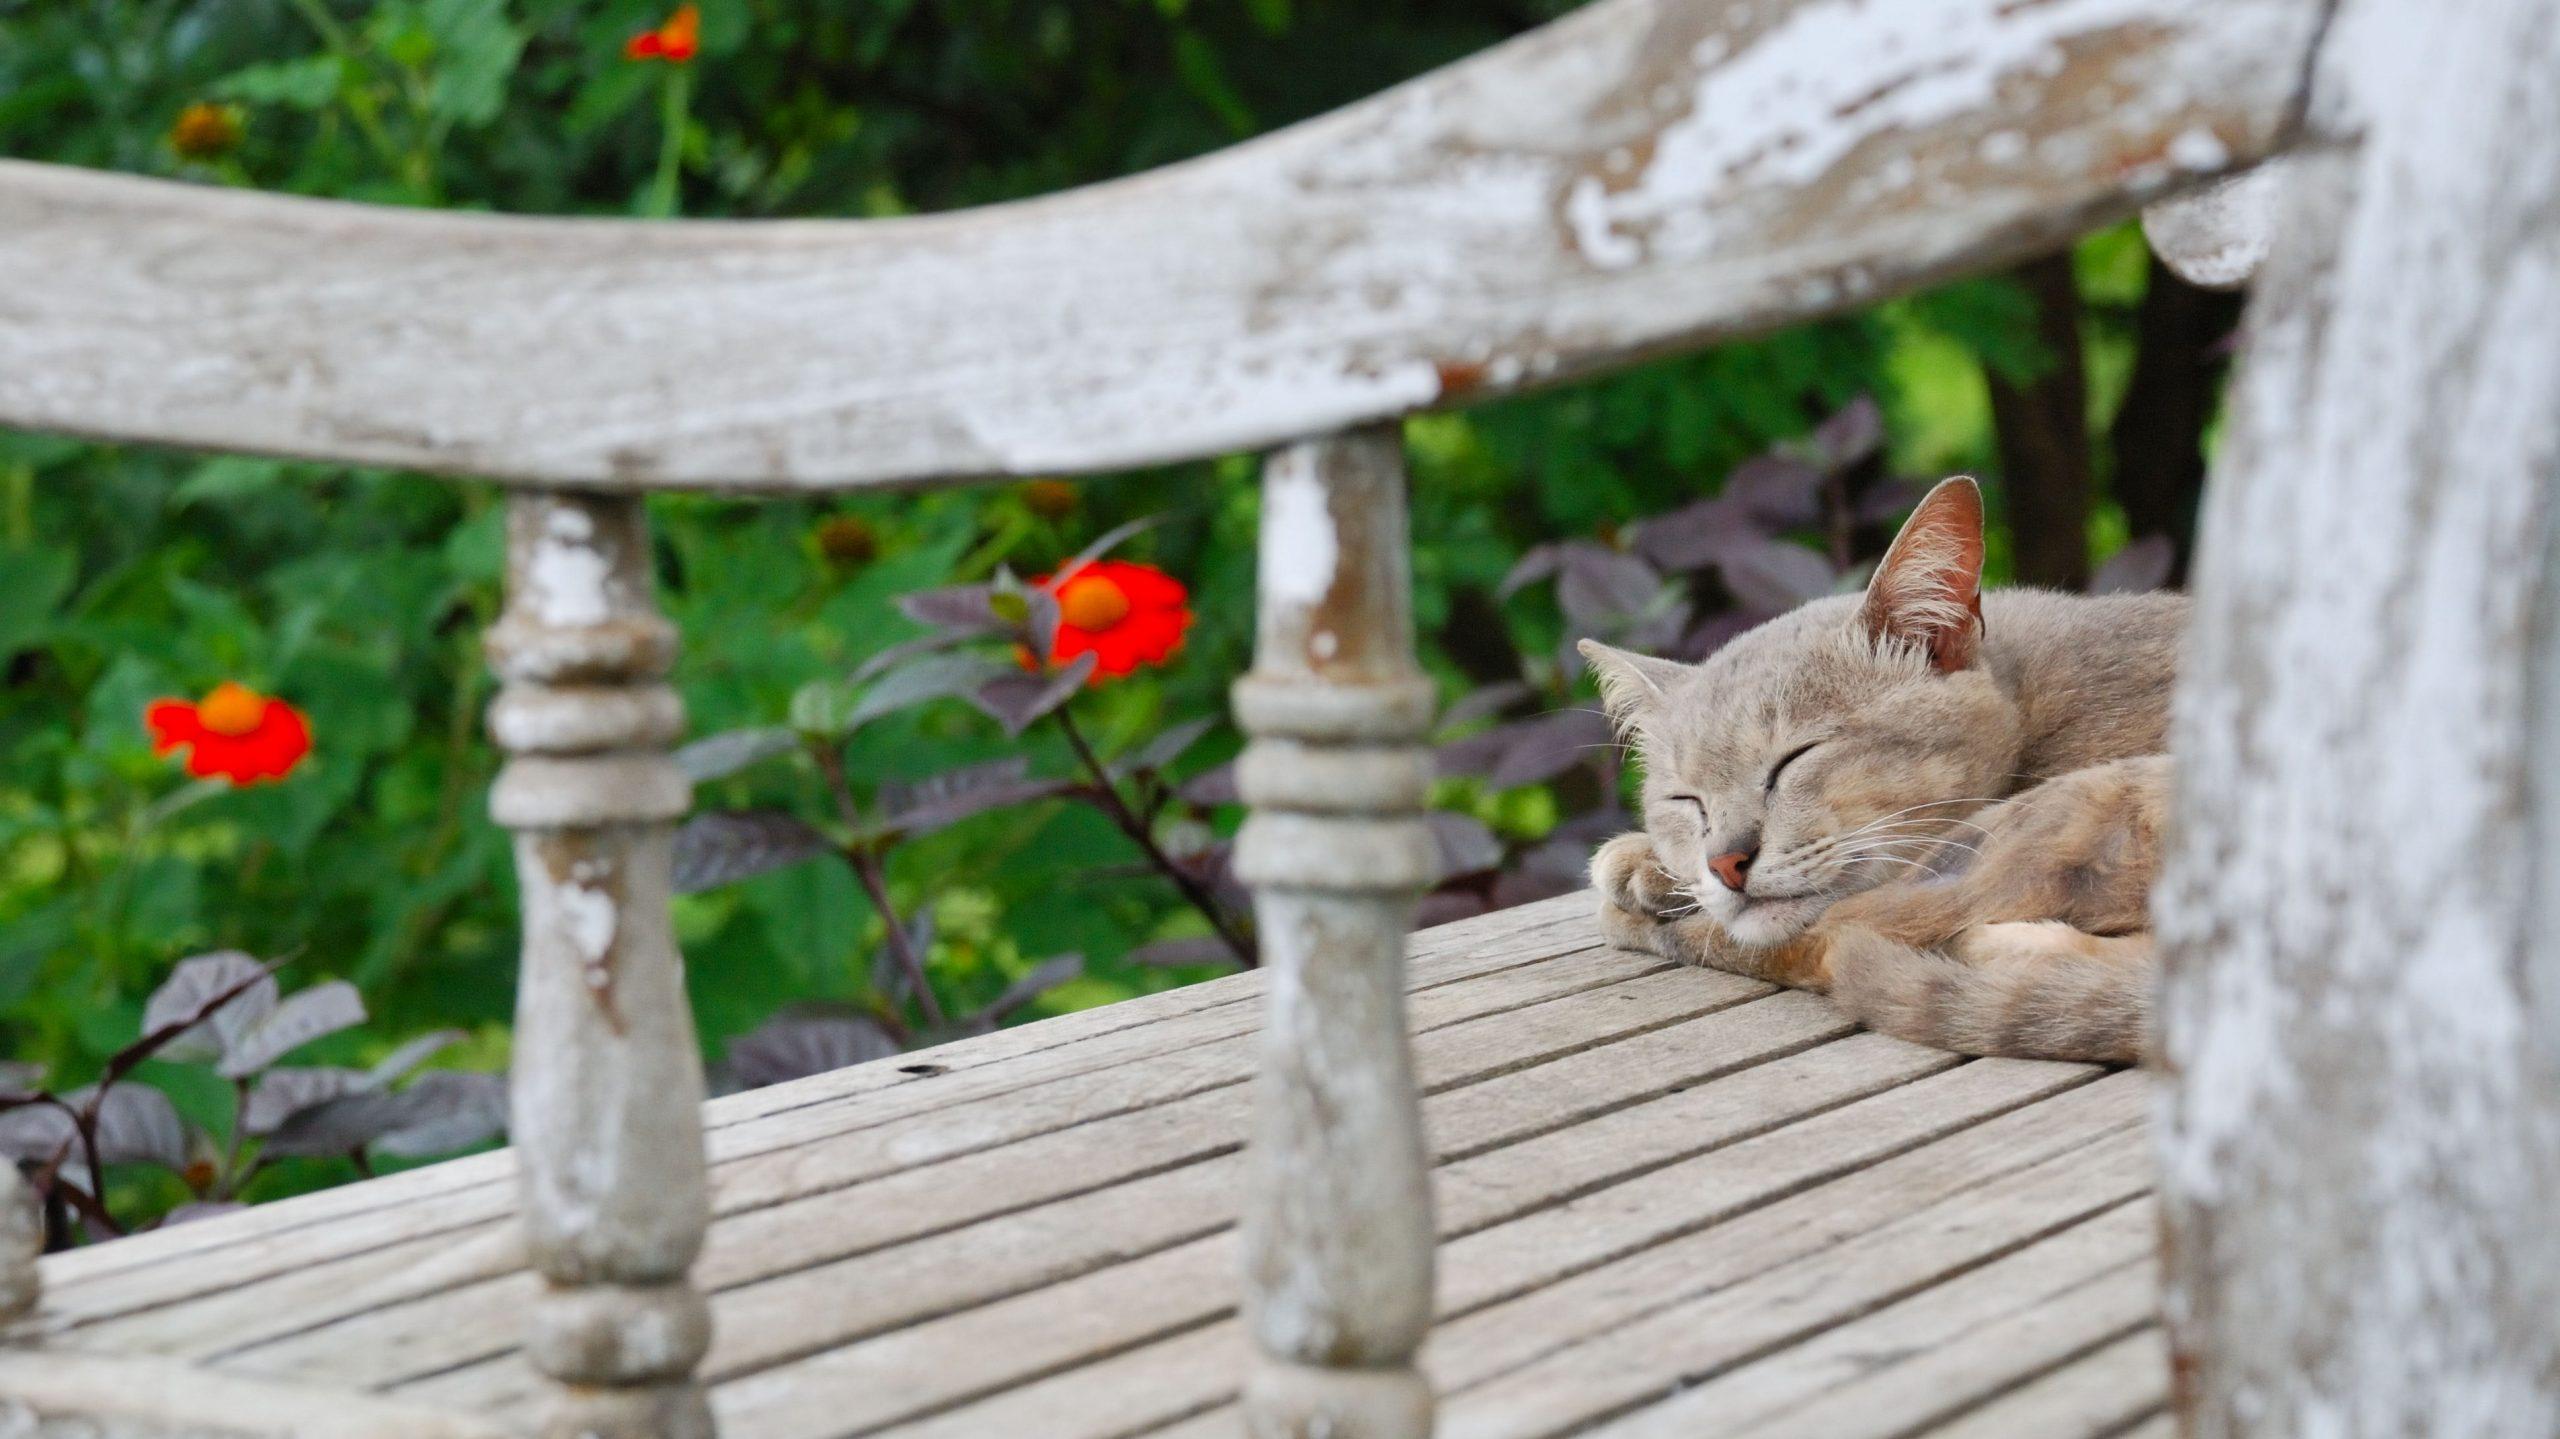 Es posible tener gatos en el jardín y no tener problemas